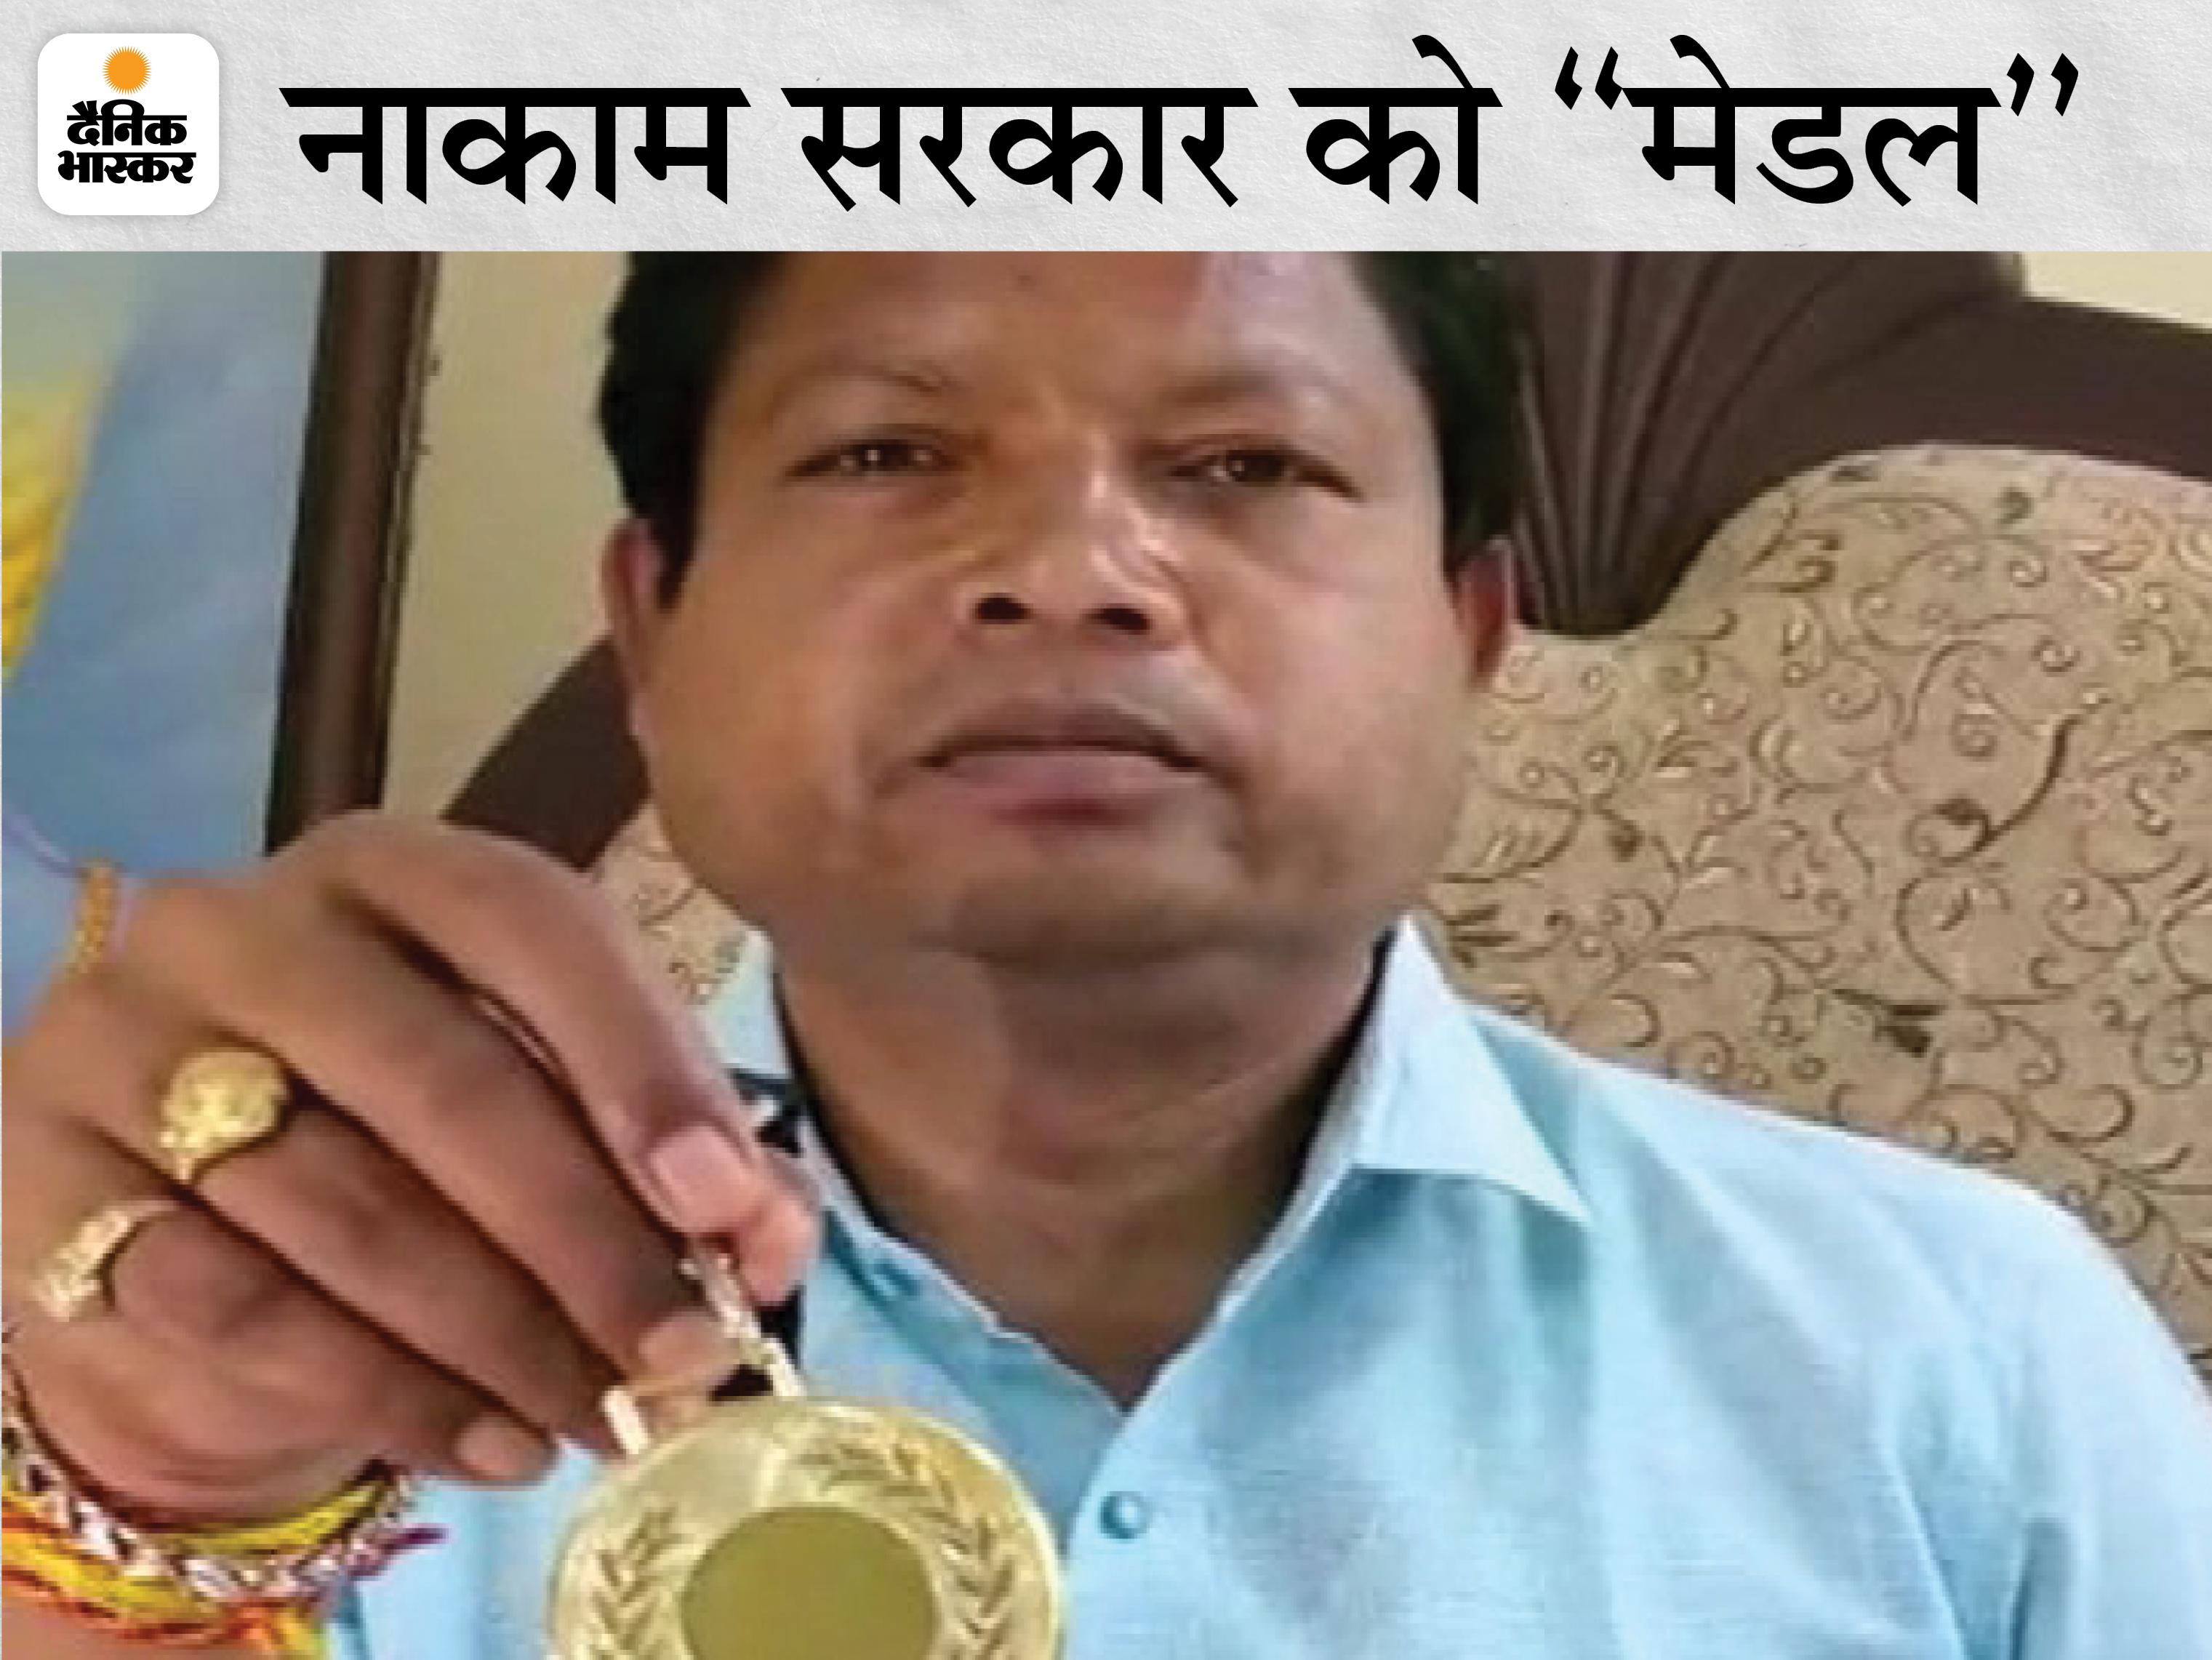 पूर्व मंत्री महेश गागड़ाने CM भूपेशसमेत सभी मंत्रियों को भेजा नाकामी का मेडल, बोले- जो वादा करके आए, वो सब भूल गए|छत्तीसगढ़,Chhattisgarh - Dainik Bhaskar